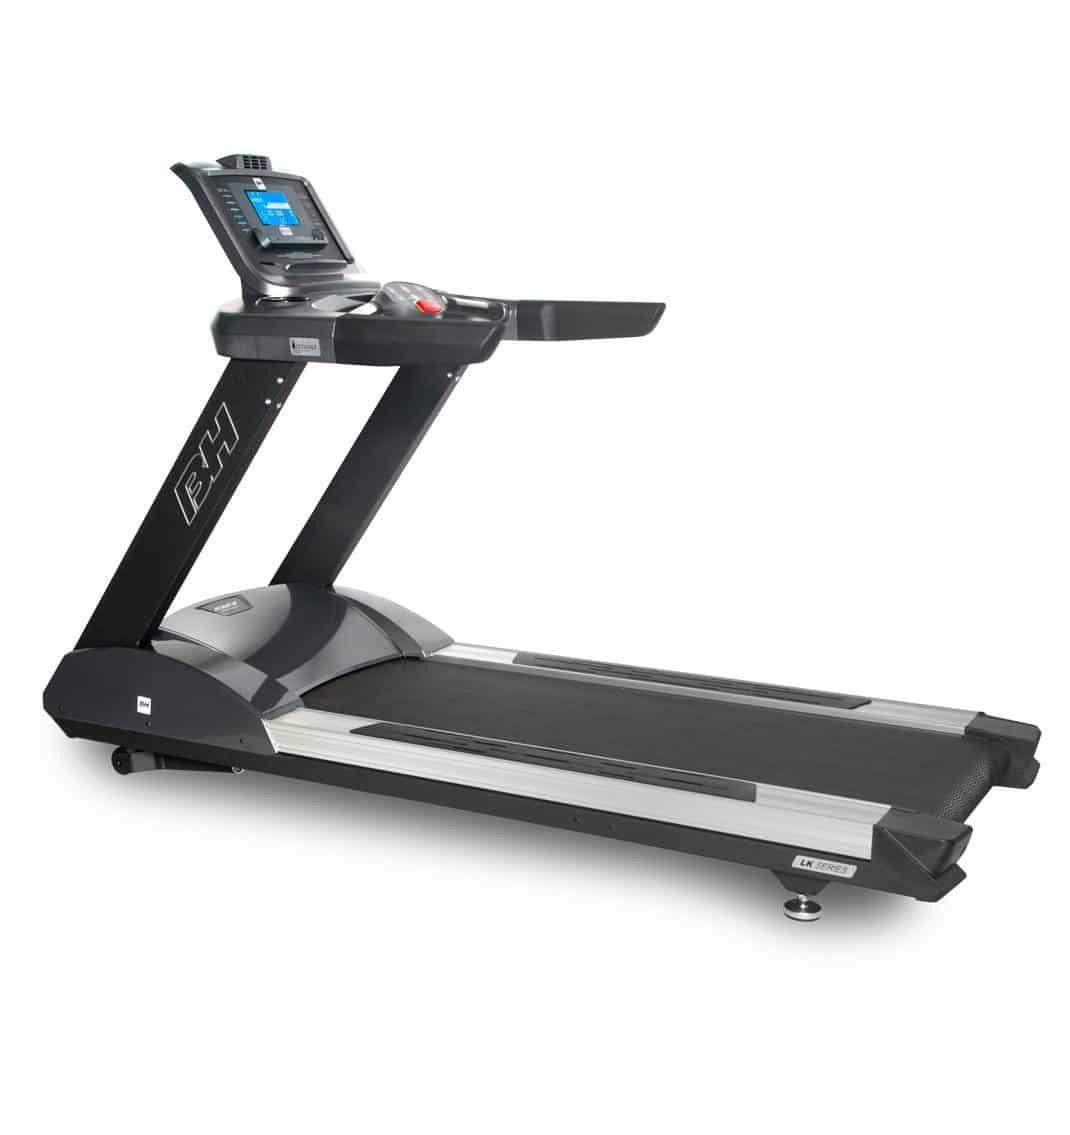 Bh Fitness Lk500ti Treadmill